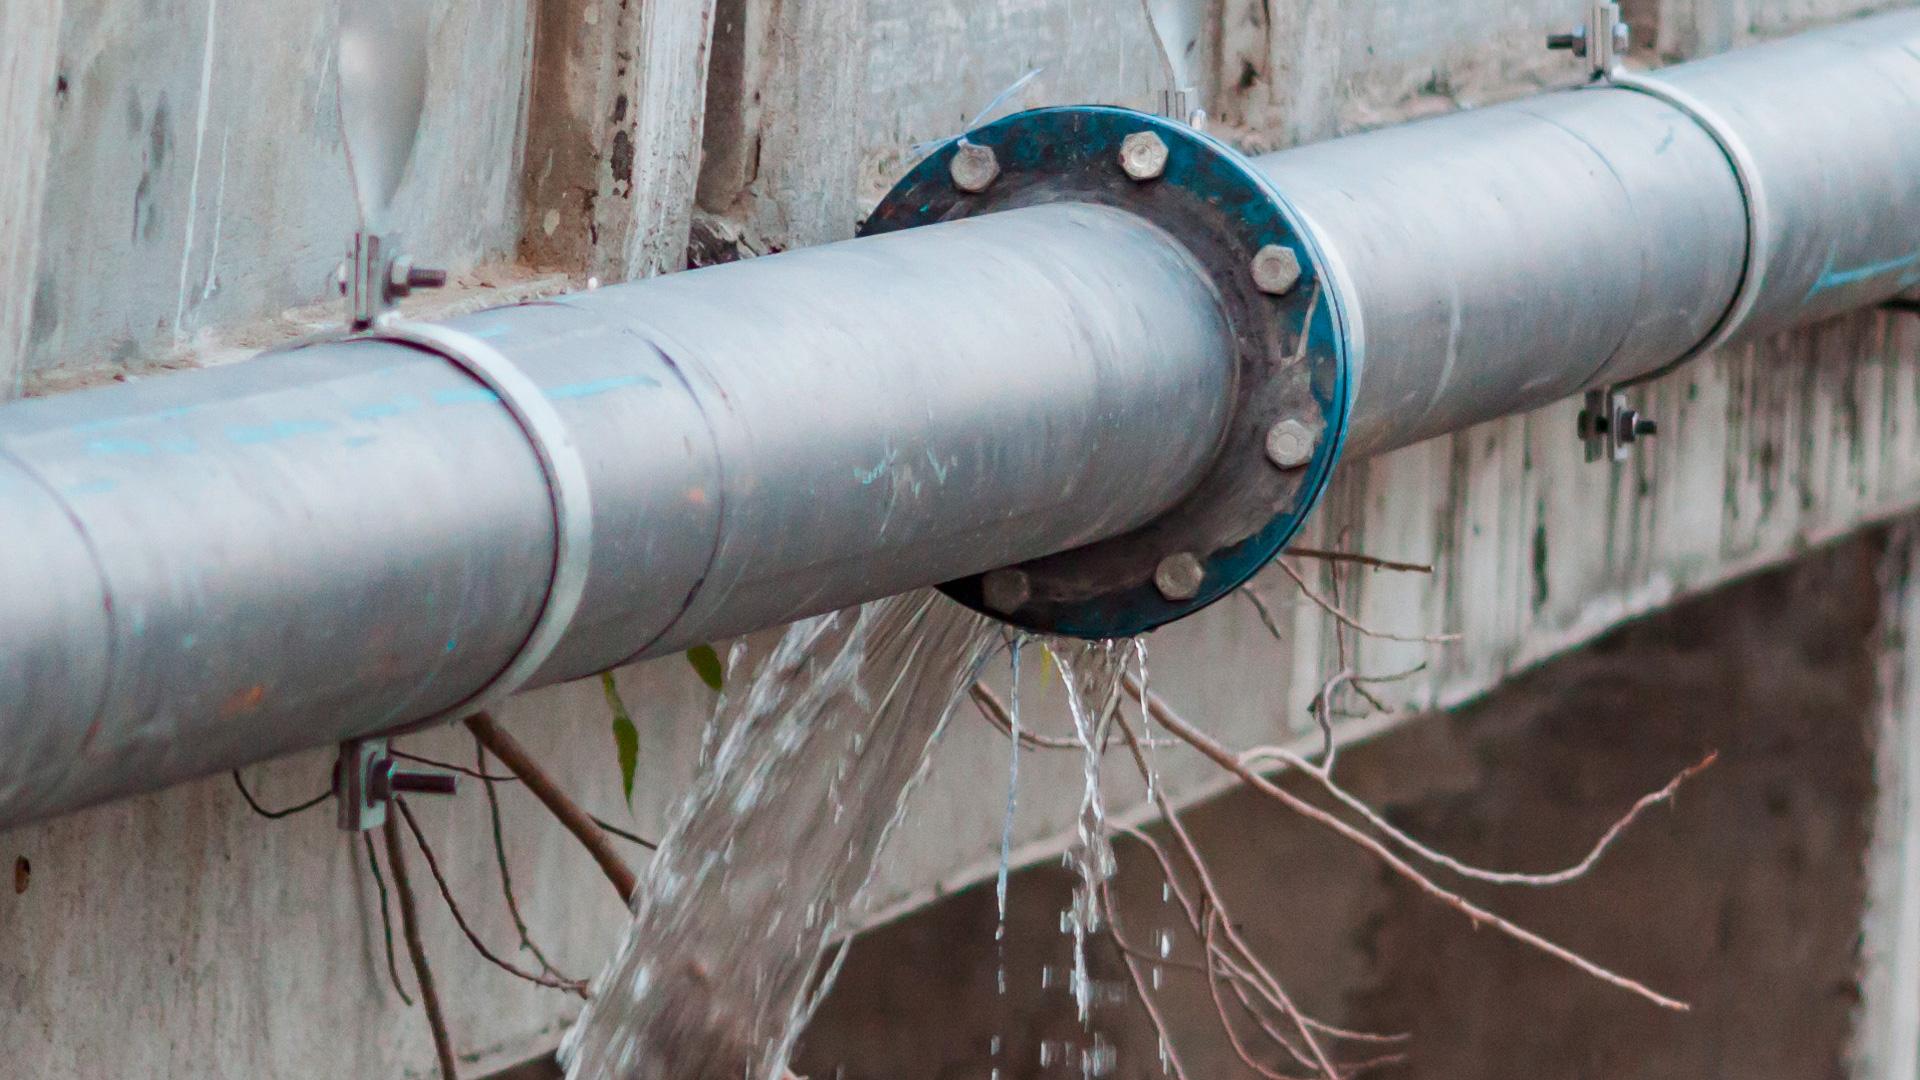 Vandspild som følge af brud på rør